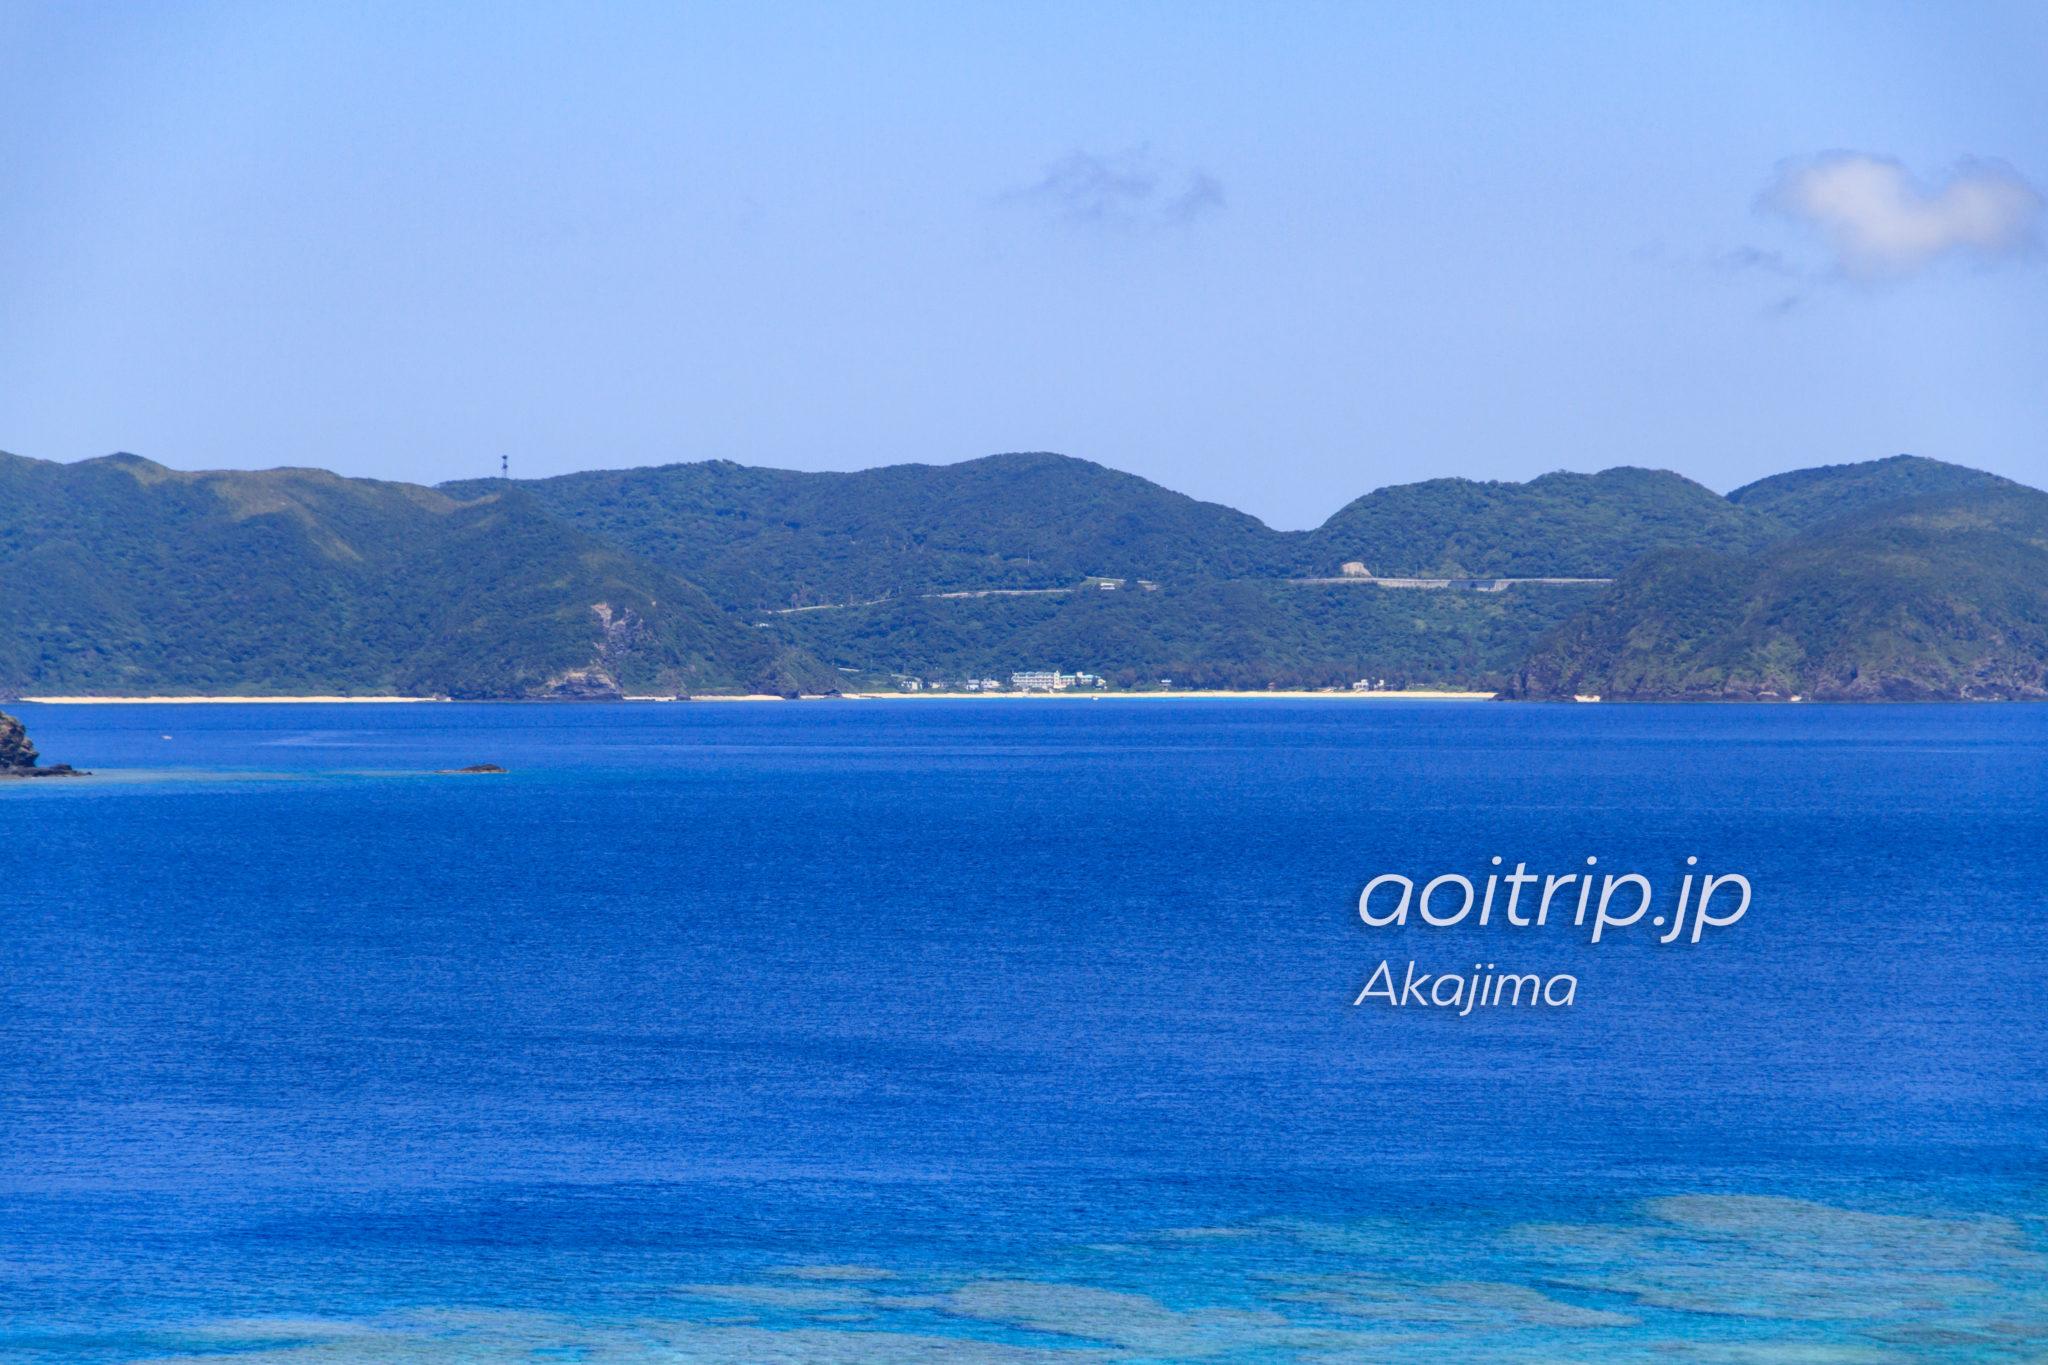 阿嘉島の北浜ビーチから渡嘉敷島のとかしくマリンビレッジを望む